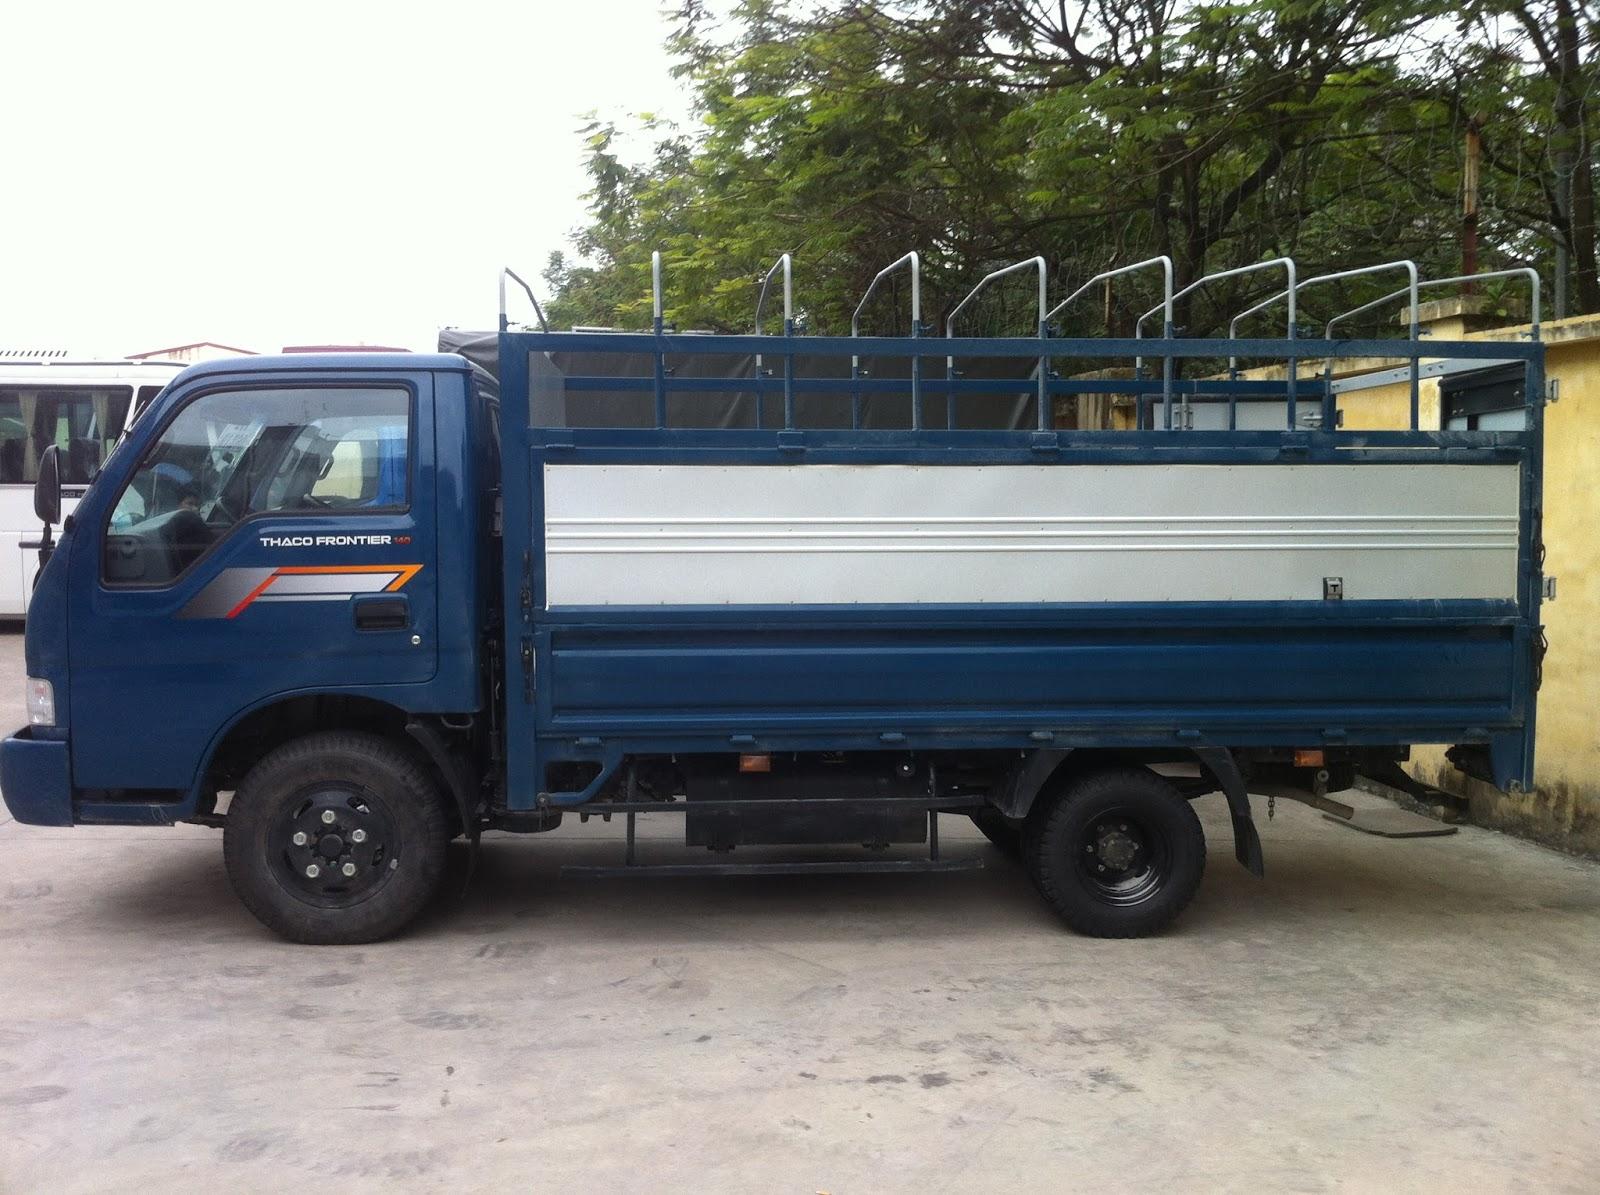 Cho thuê xe tải chở hàng 2 tấn – Đường Việt Sài Gòn